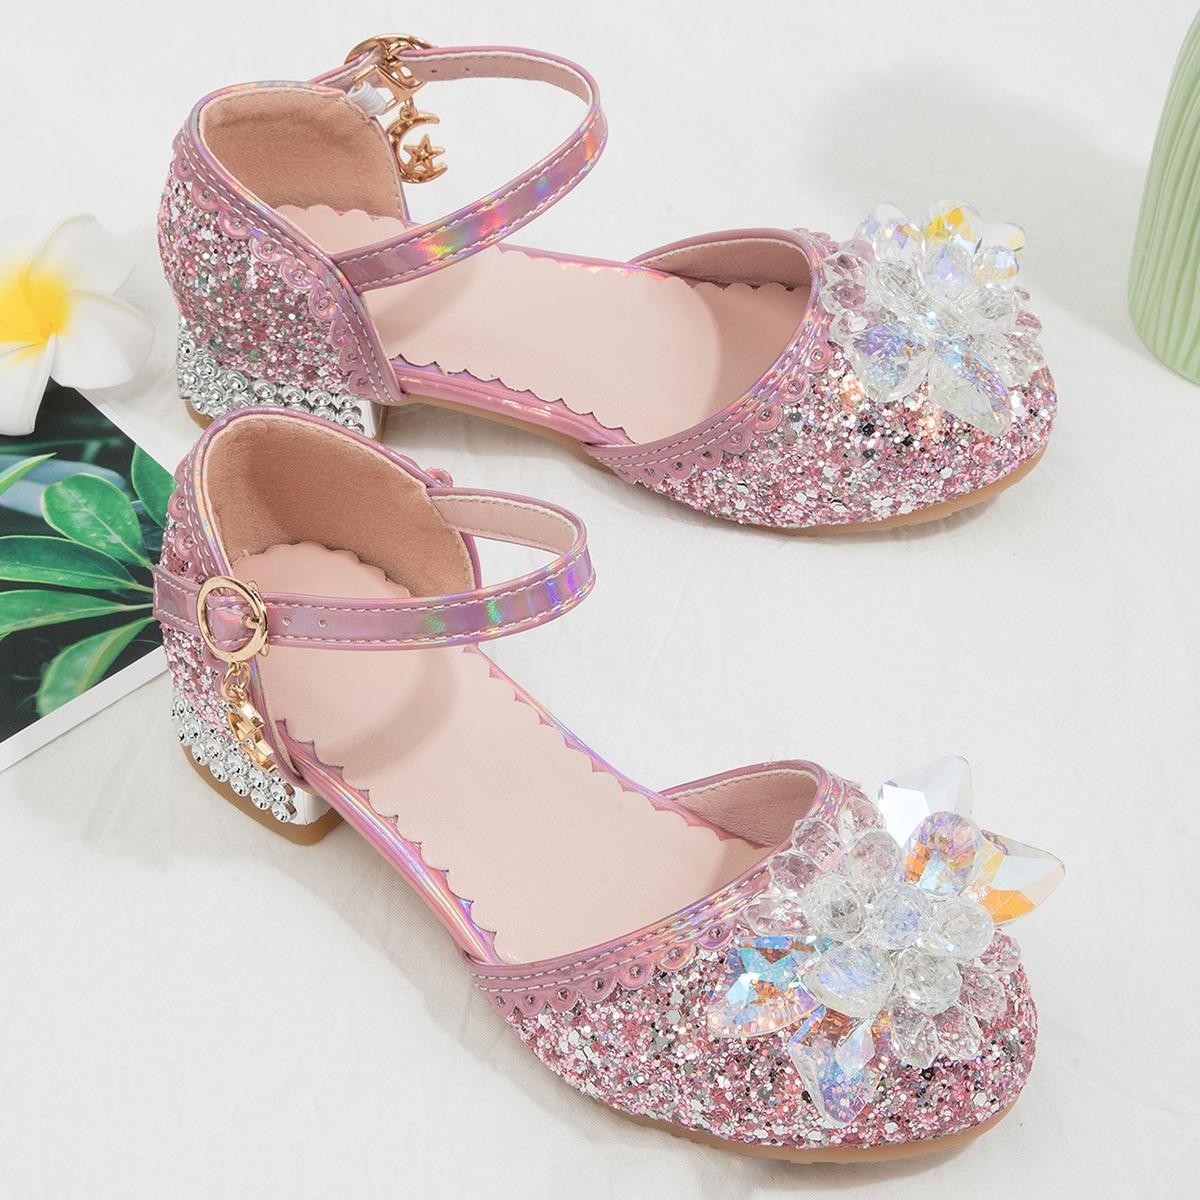 Туфли мэри джейн с искусственным жемчугом для девочек от SHEIN